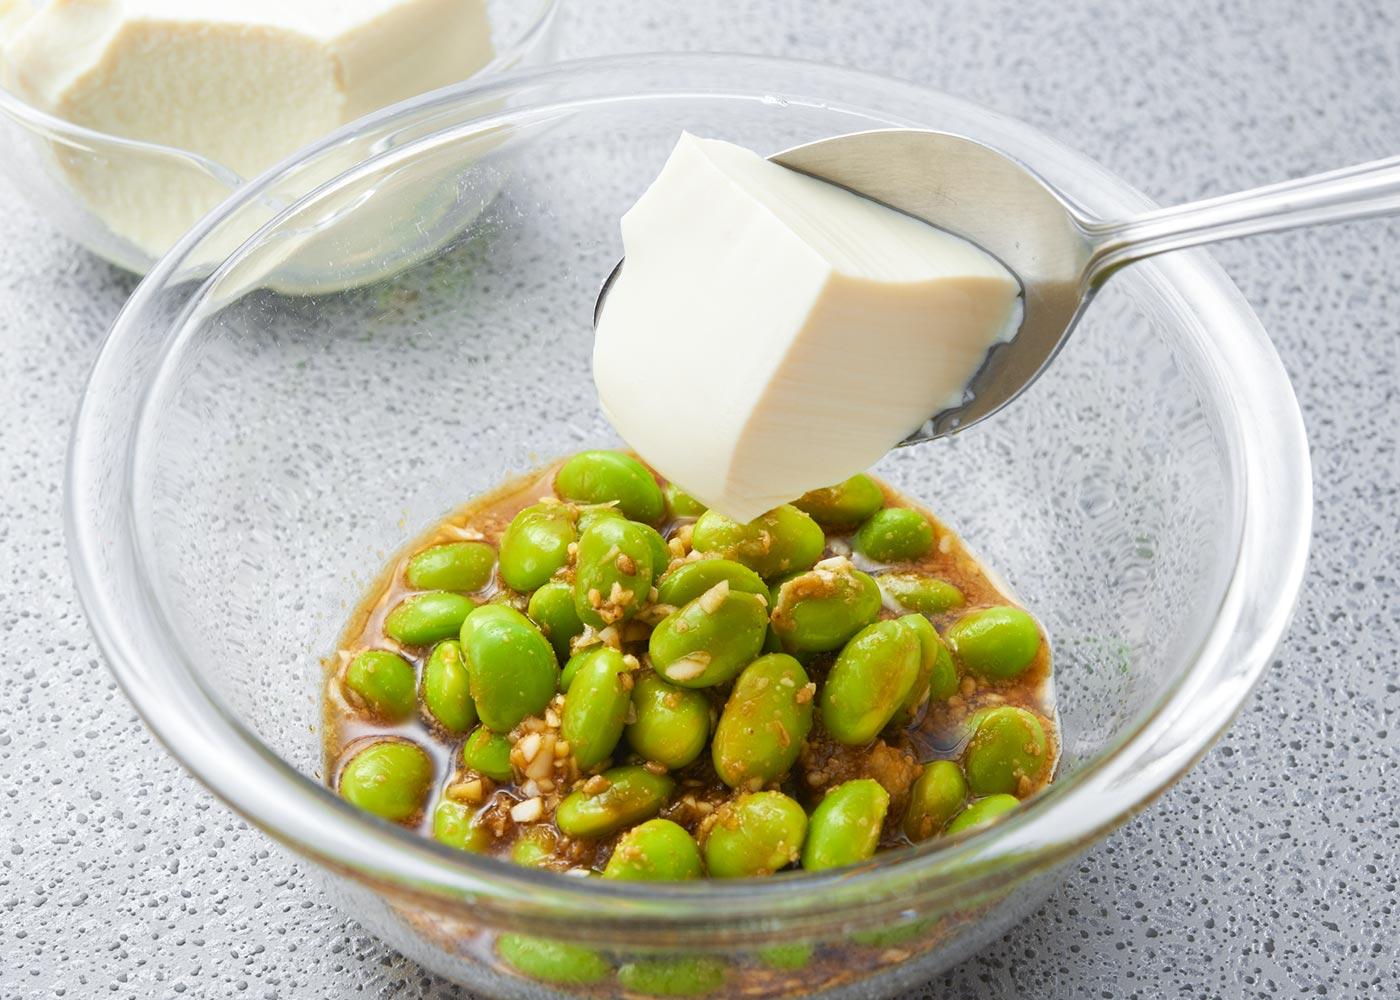 豆腐をスプーンですくって入れ、くずれないように混ぜる。